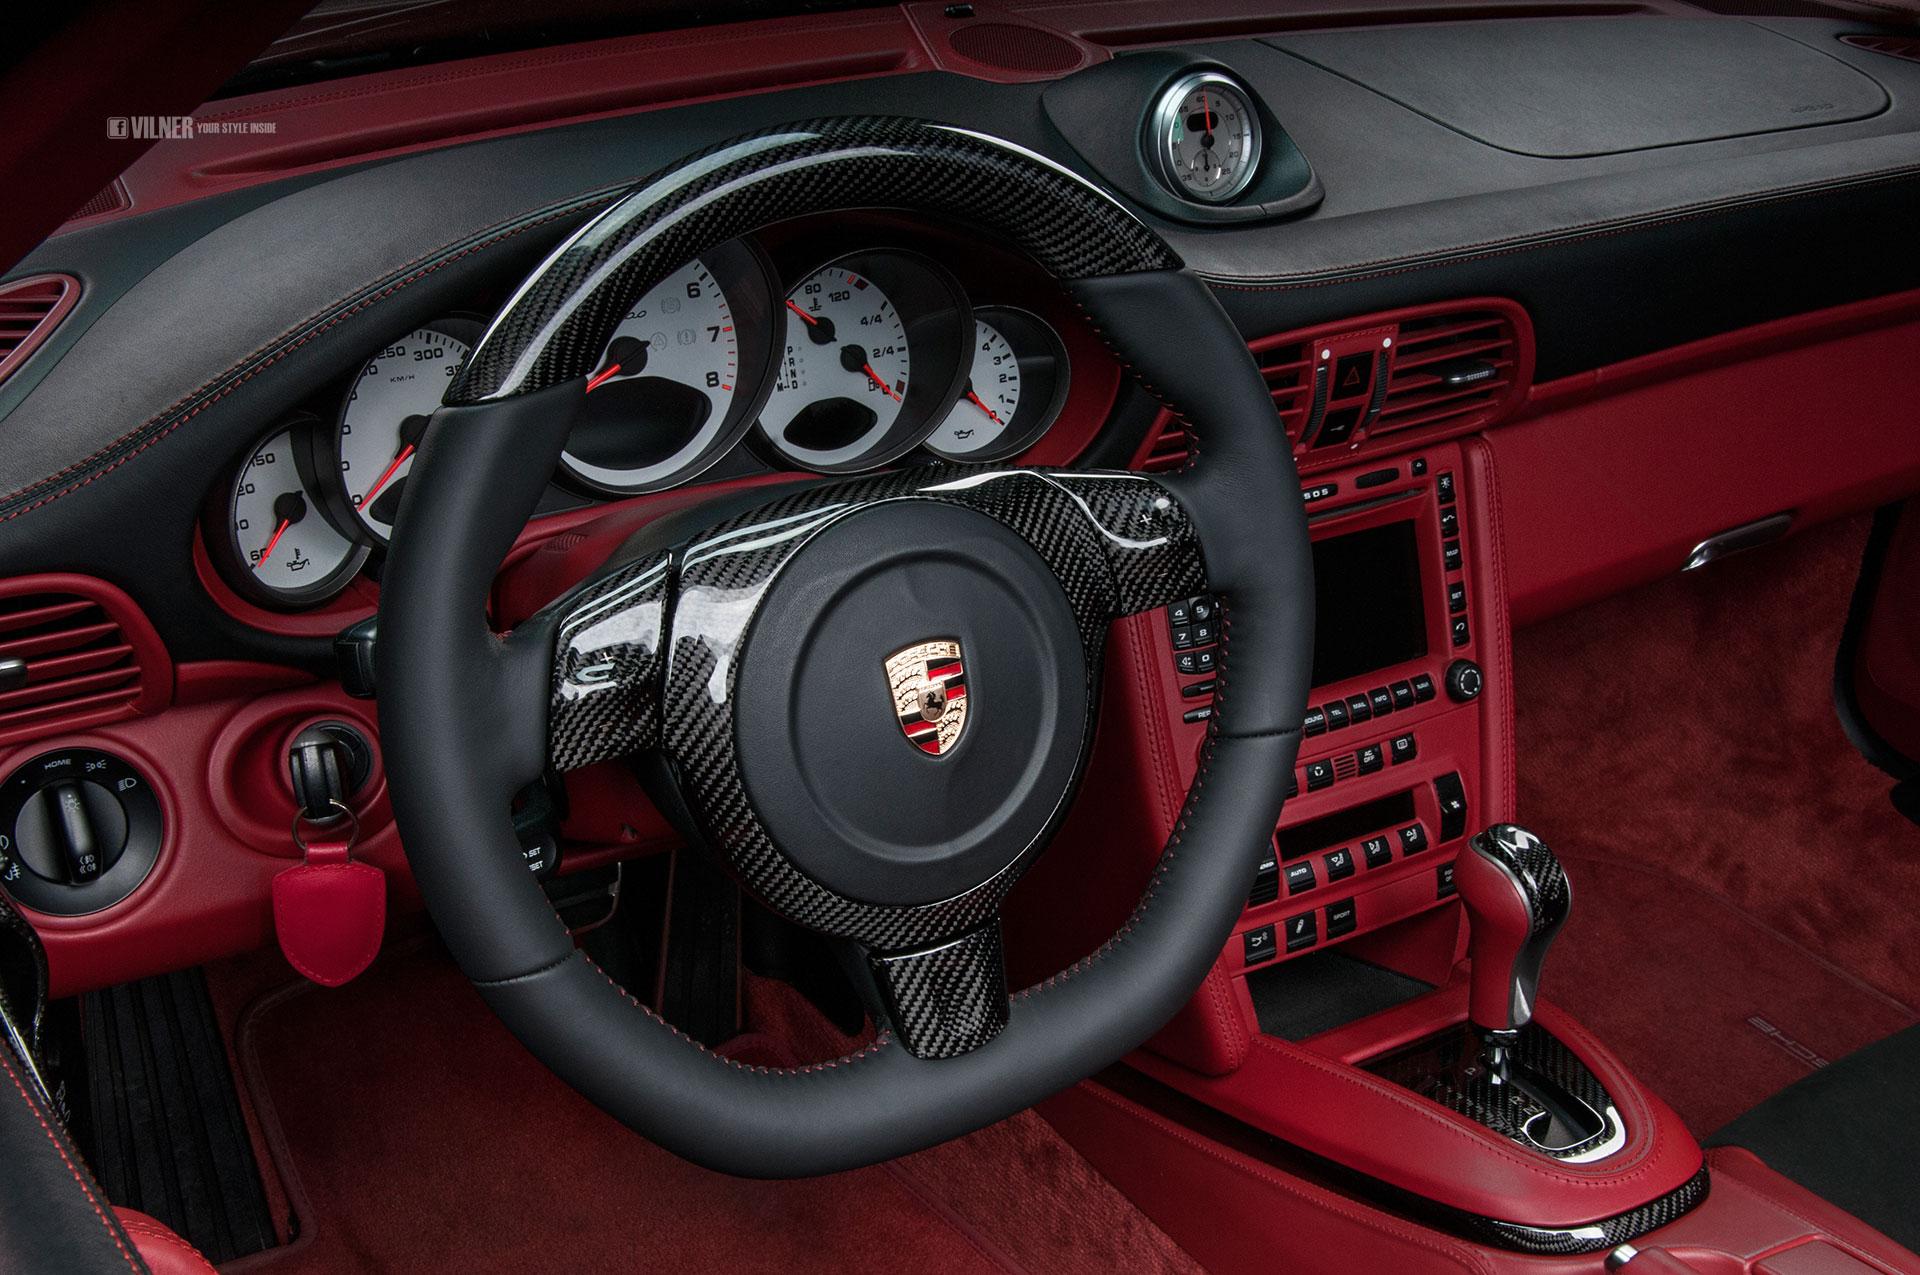 Porsche 911 Turbo Cabriolet от Vilner